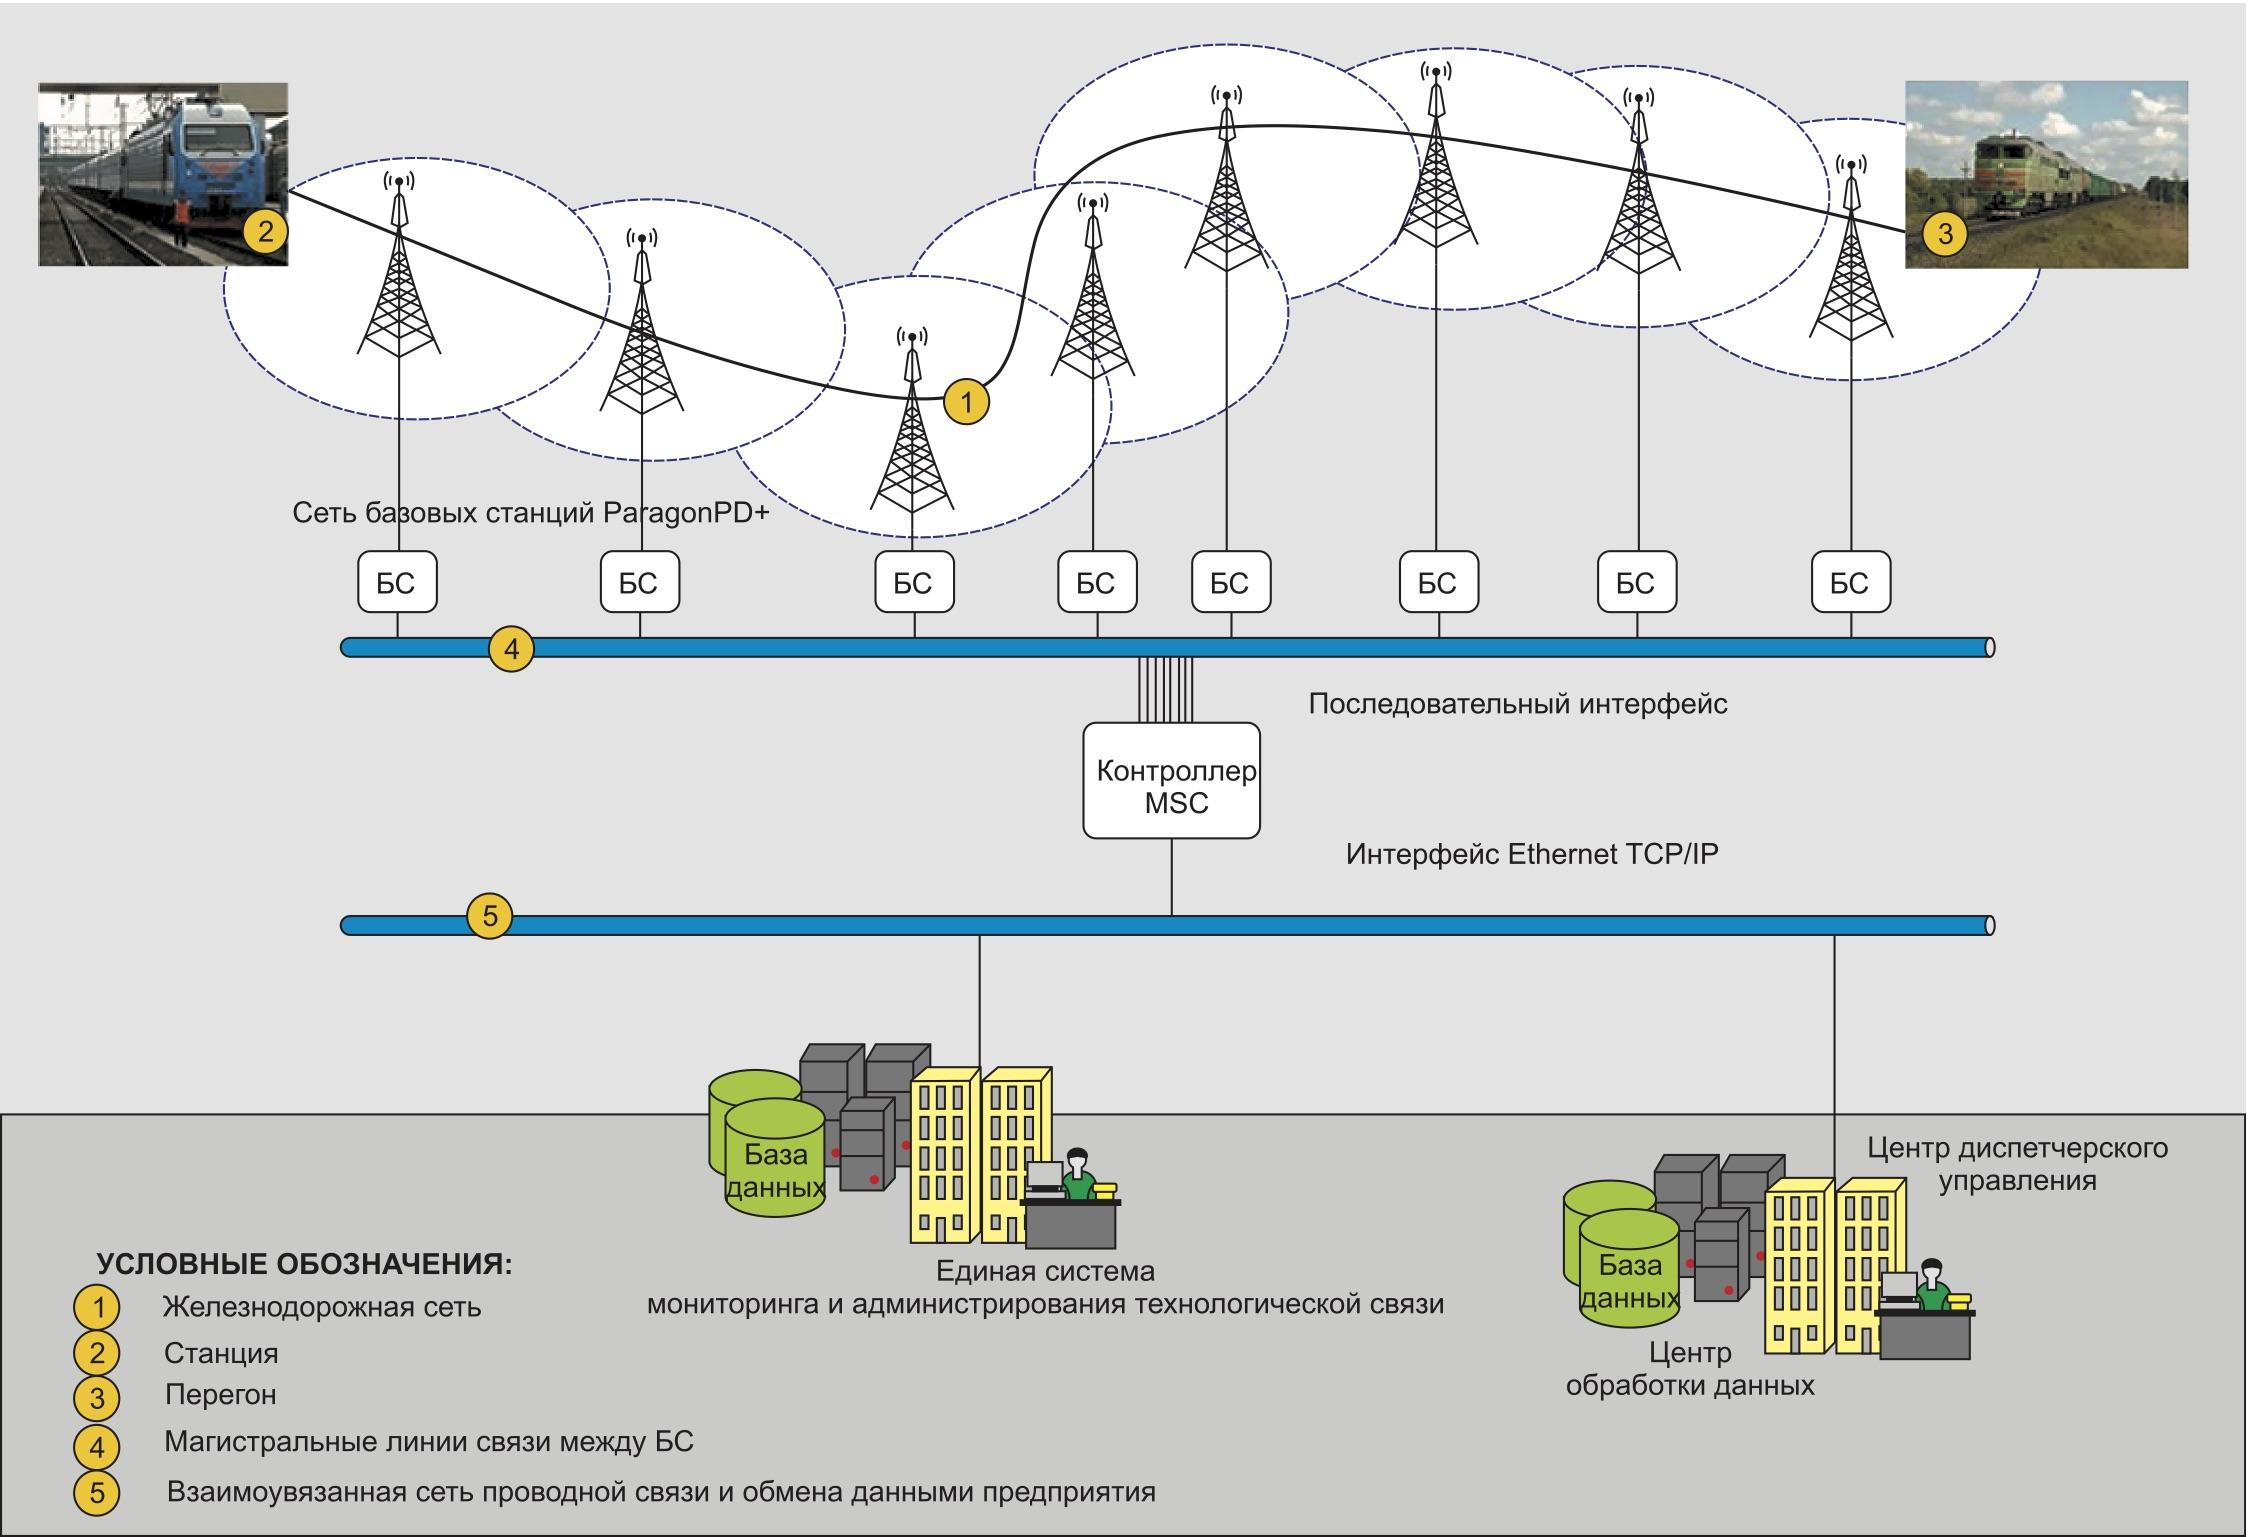 Типовая схема конвенциональной радиосети обмена данными на железнодорожном транспорте с использованием оборудования ParagonPD+